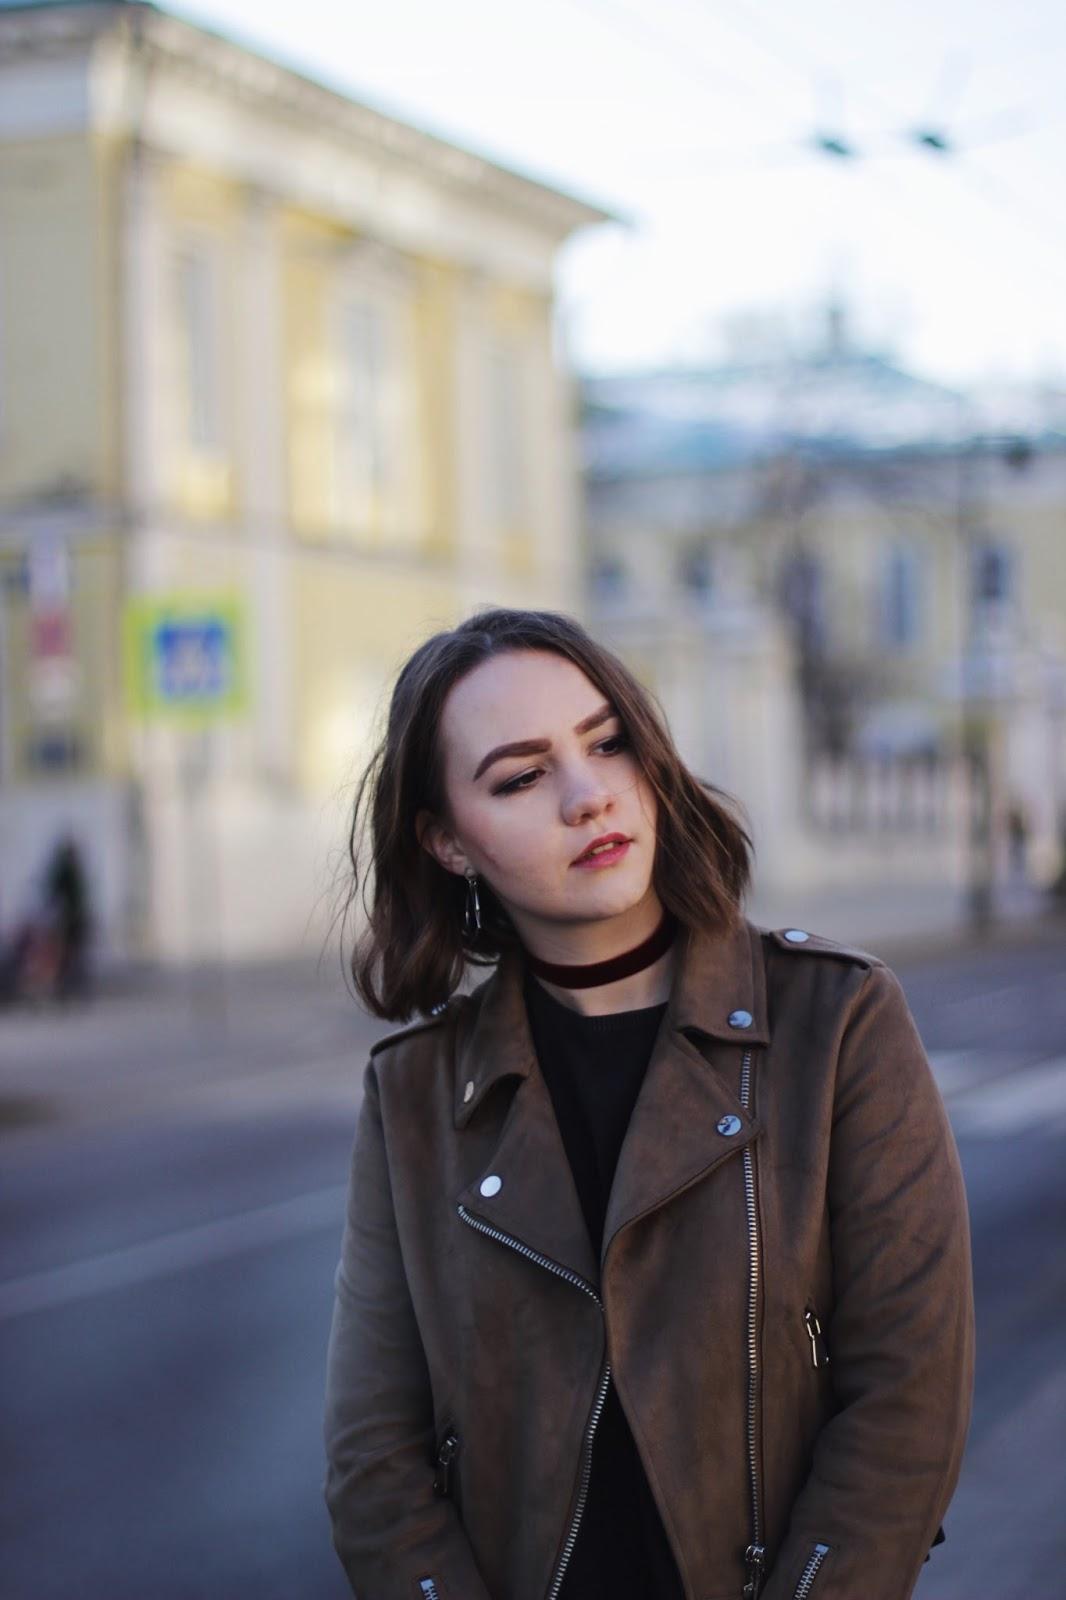 Choker Styling | Fashion Blogger